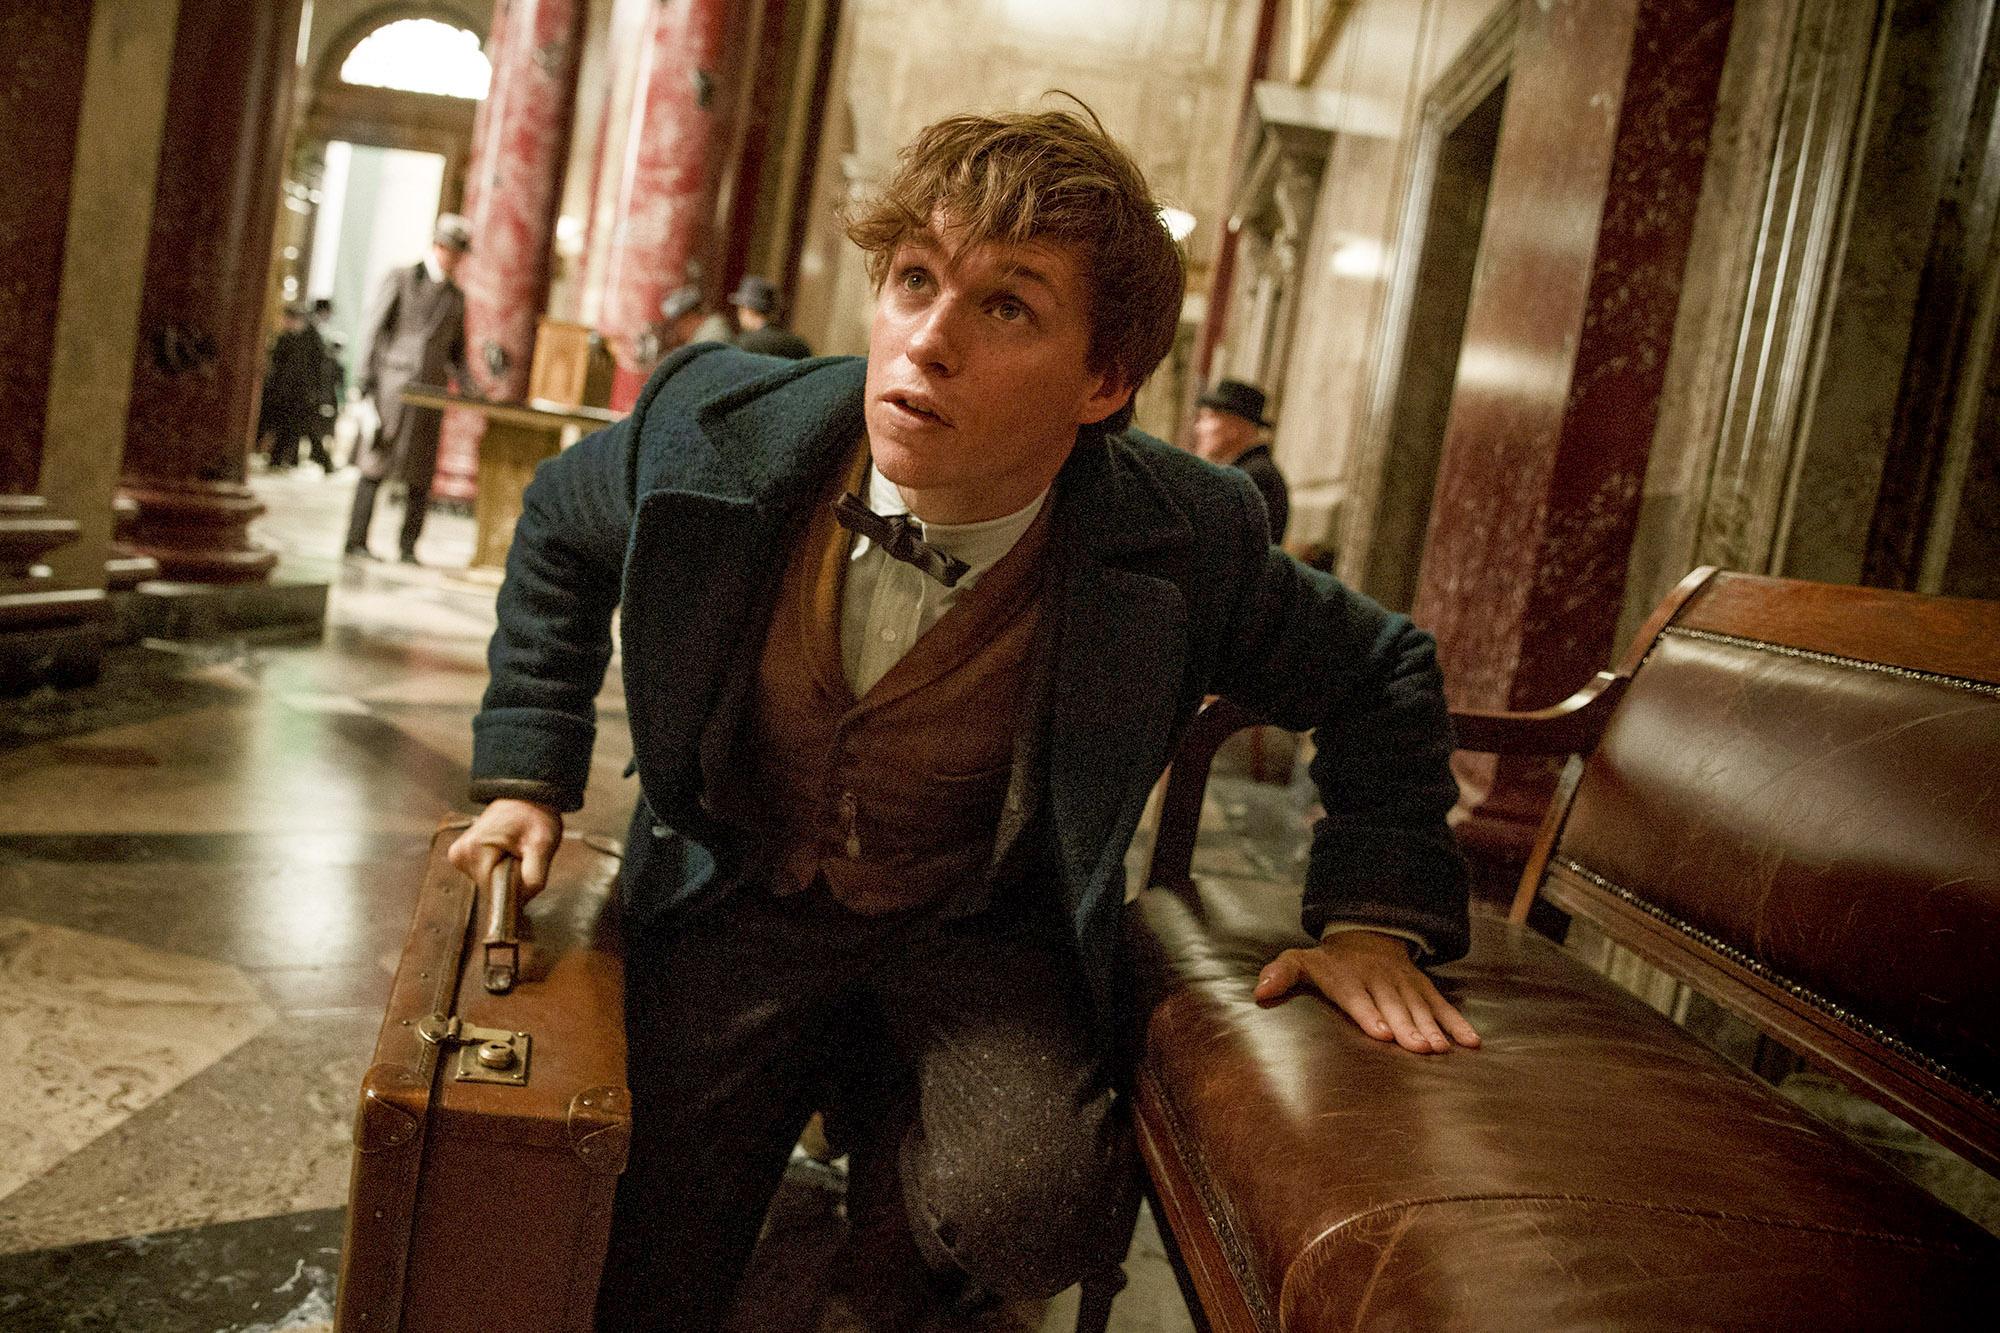 Eddie Redmayne in 'Fantastic Beasts and Where to Find Them.' (Jaap Buitendijk, Warner Bros. Pictures)